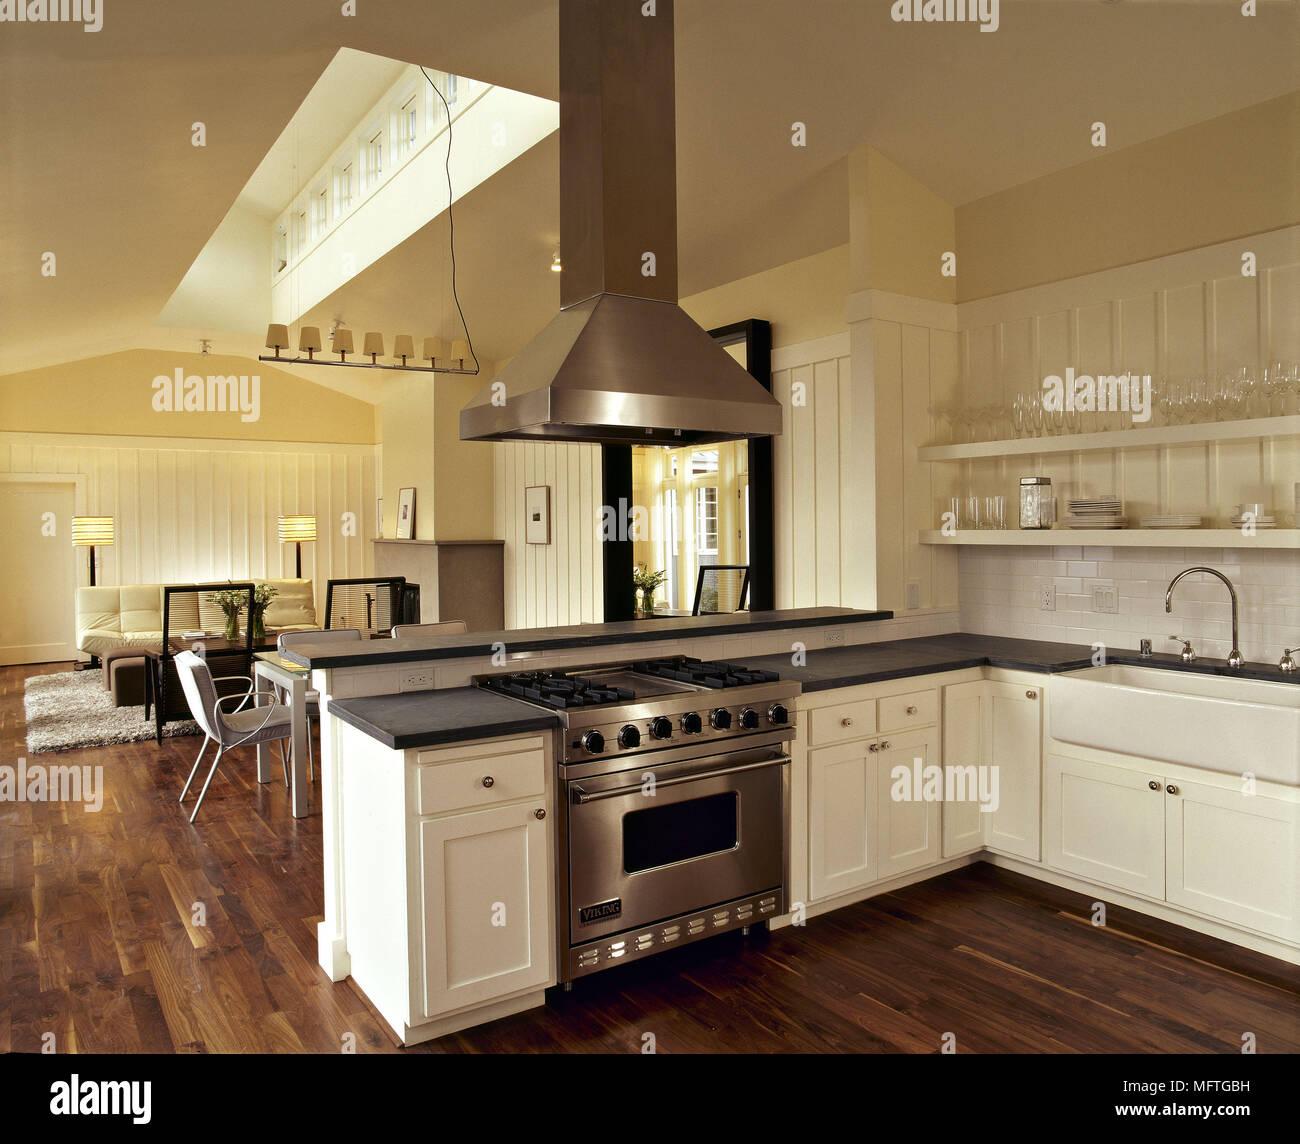 Moderne Offene Kuche Mit Weissen Und Schwarzen Granit Arbeitsplatten